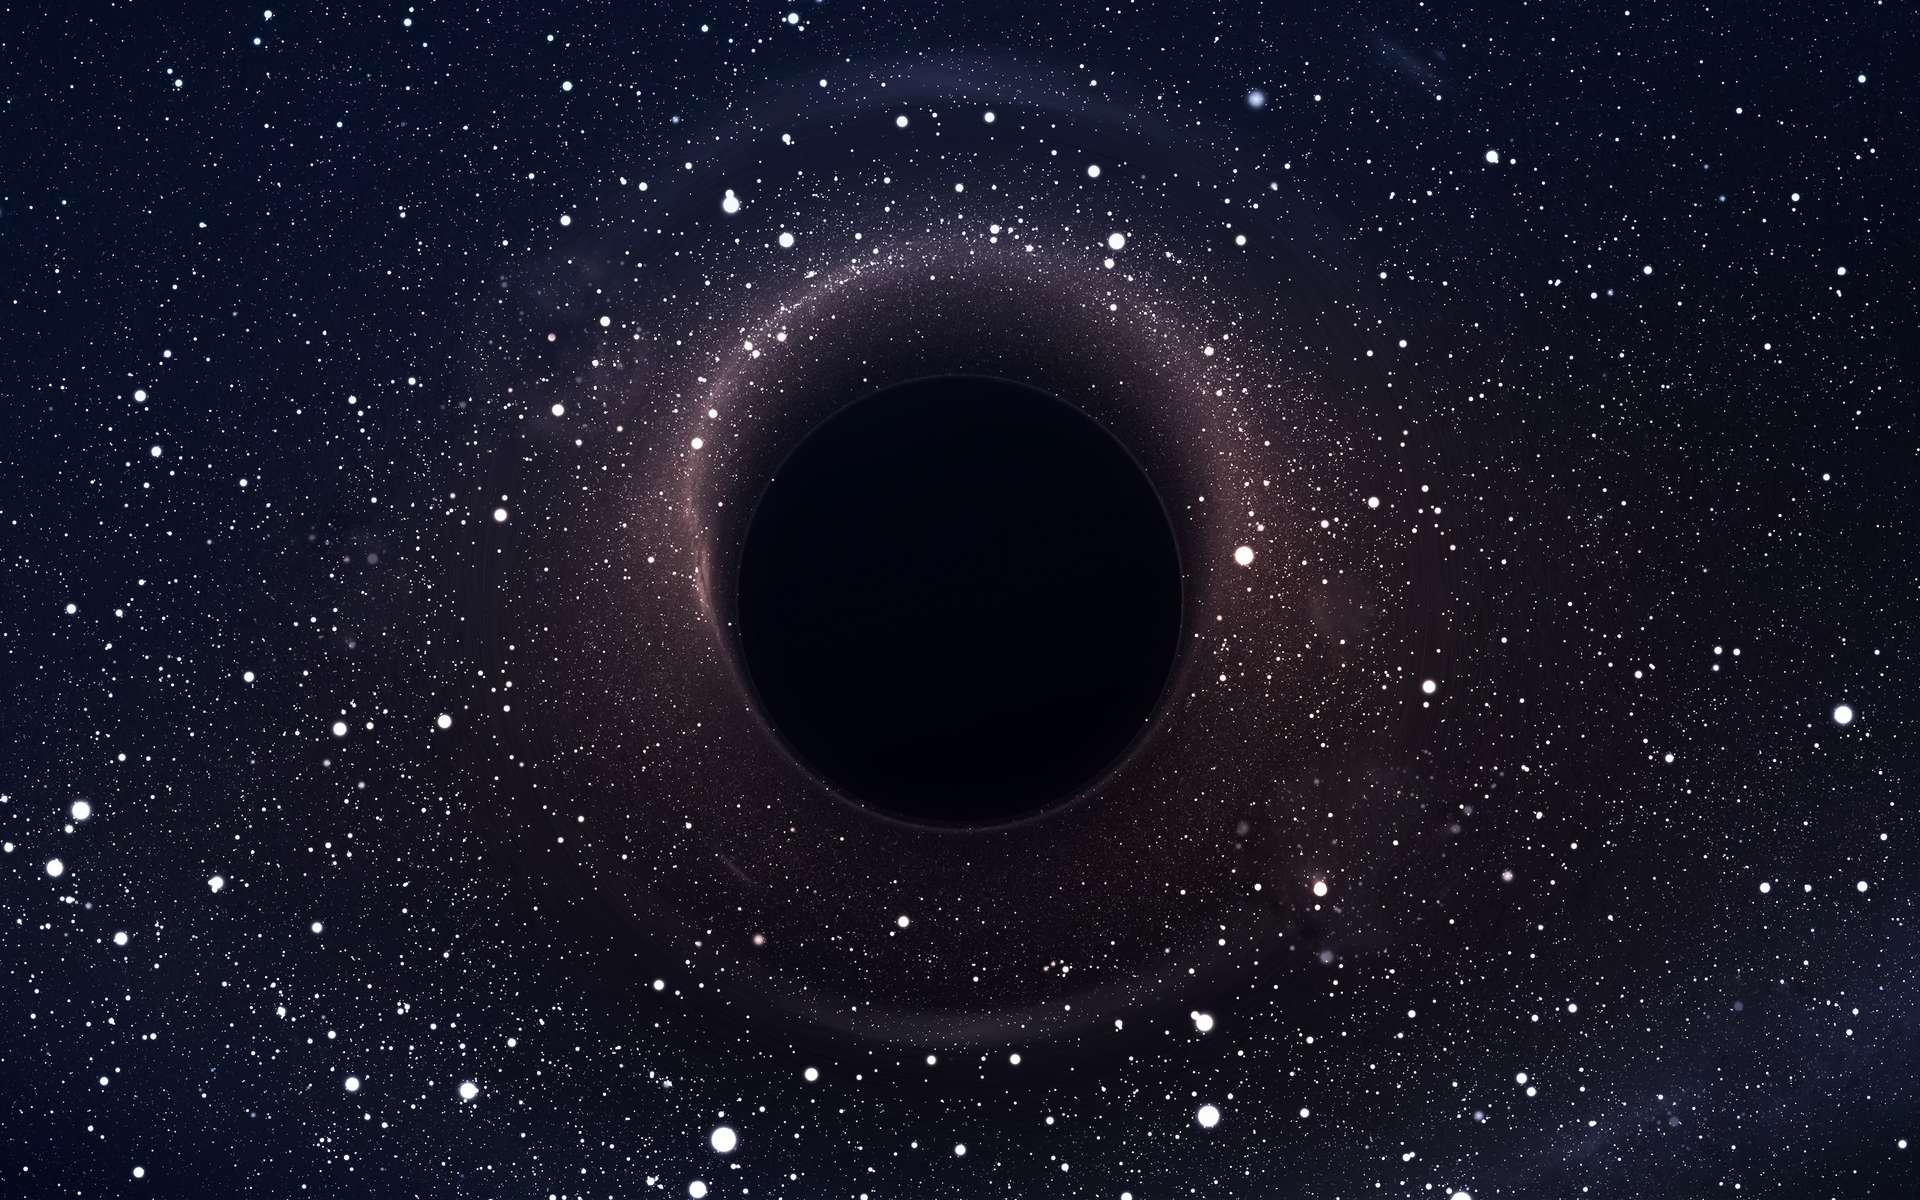 Au centre de la Voie lactée, il y a un objet massif que les astronomes appellent Sagittariaus A*. Ils pensaient qu'il s'agissait d'un trou noir supermassif. Mais une équipe du Centre international d'astrophysique relativiste (Italie) suggère aujourd'hui qu'il pourrait s'agir d'une masse de matière noire. © Vadimsadovski, Adobe Stock